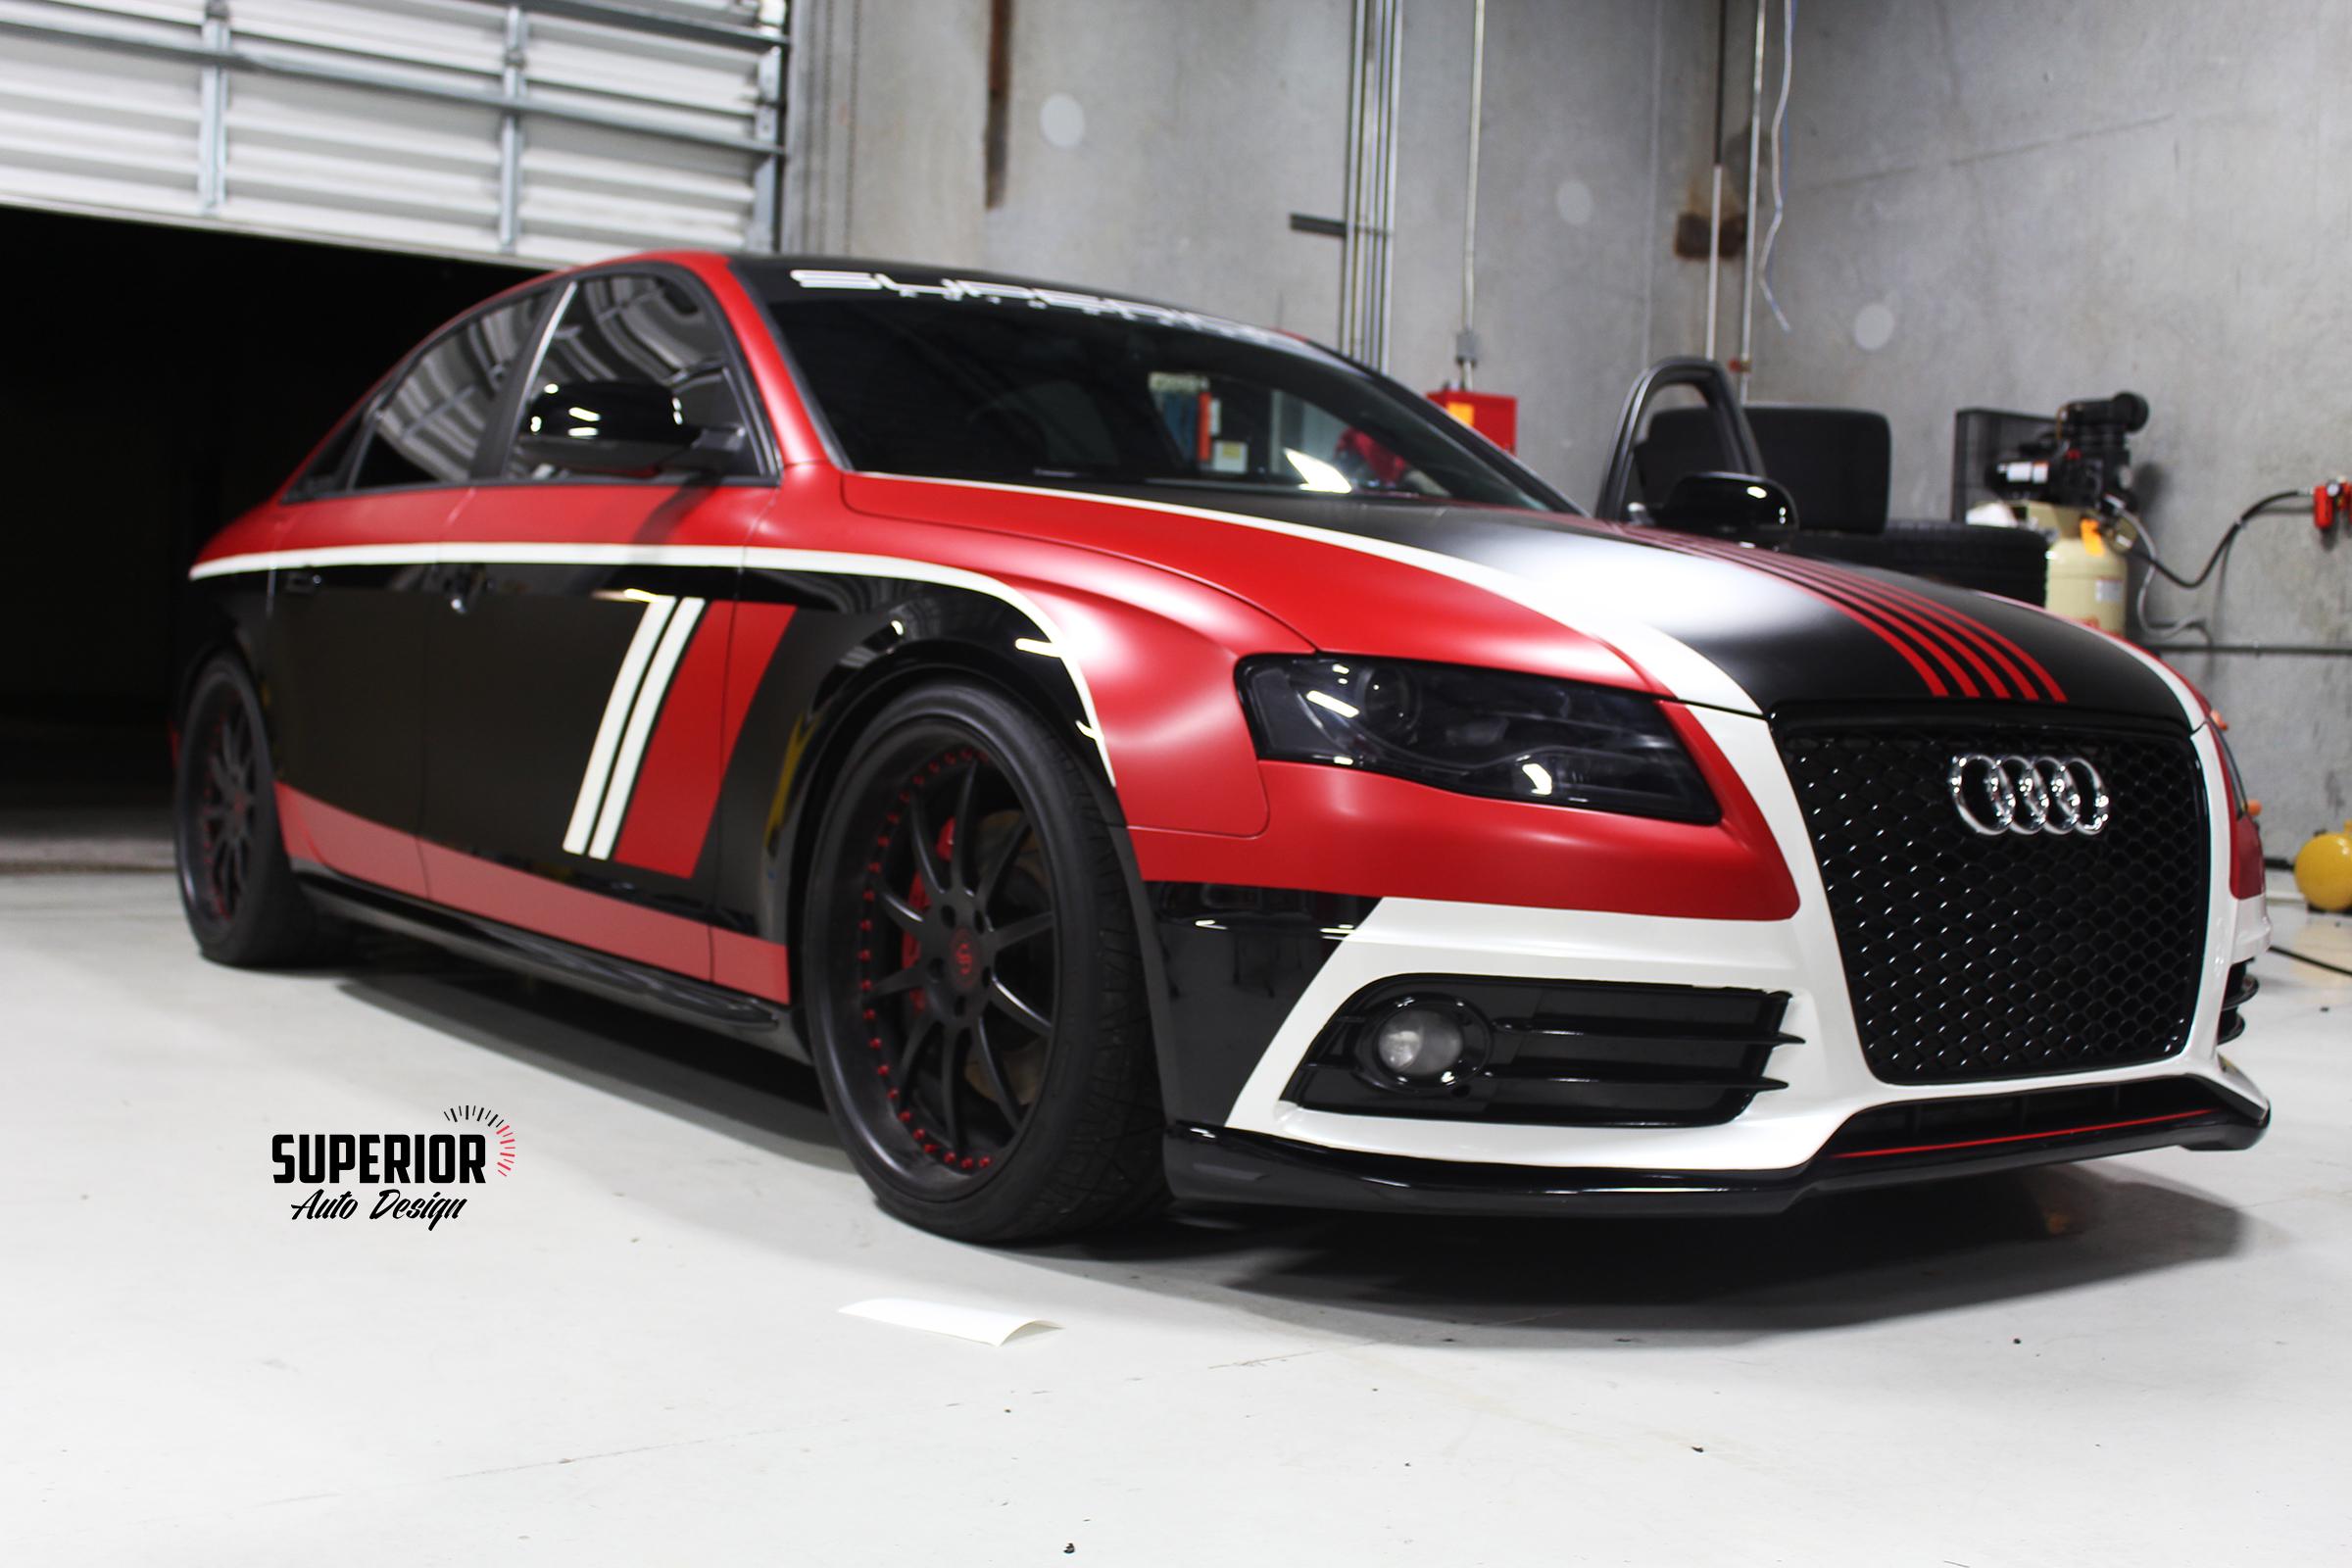 audi-s4-car-wrap-superior-auto-design-5